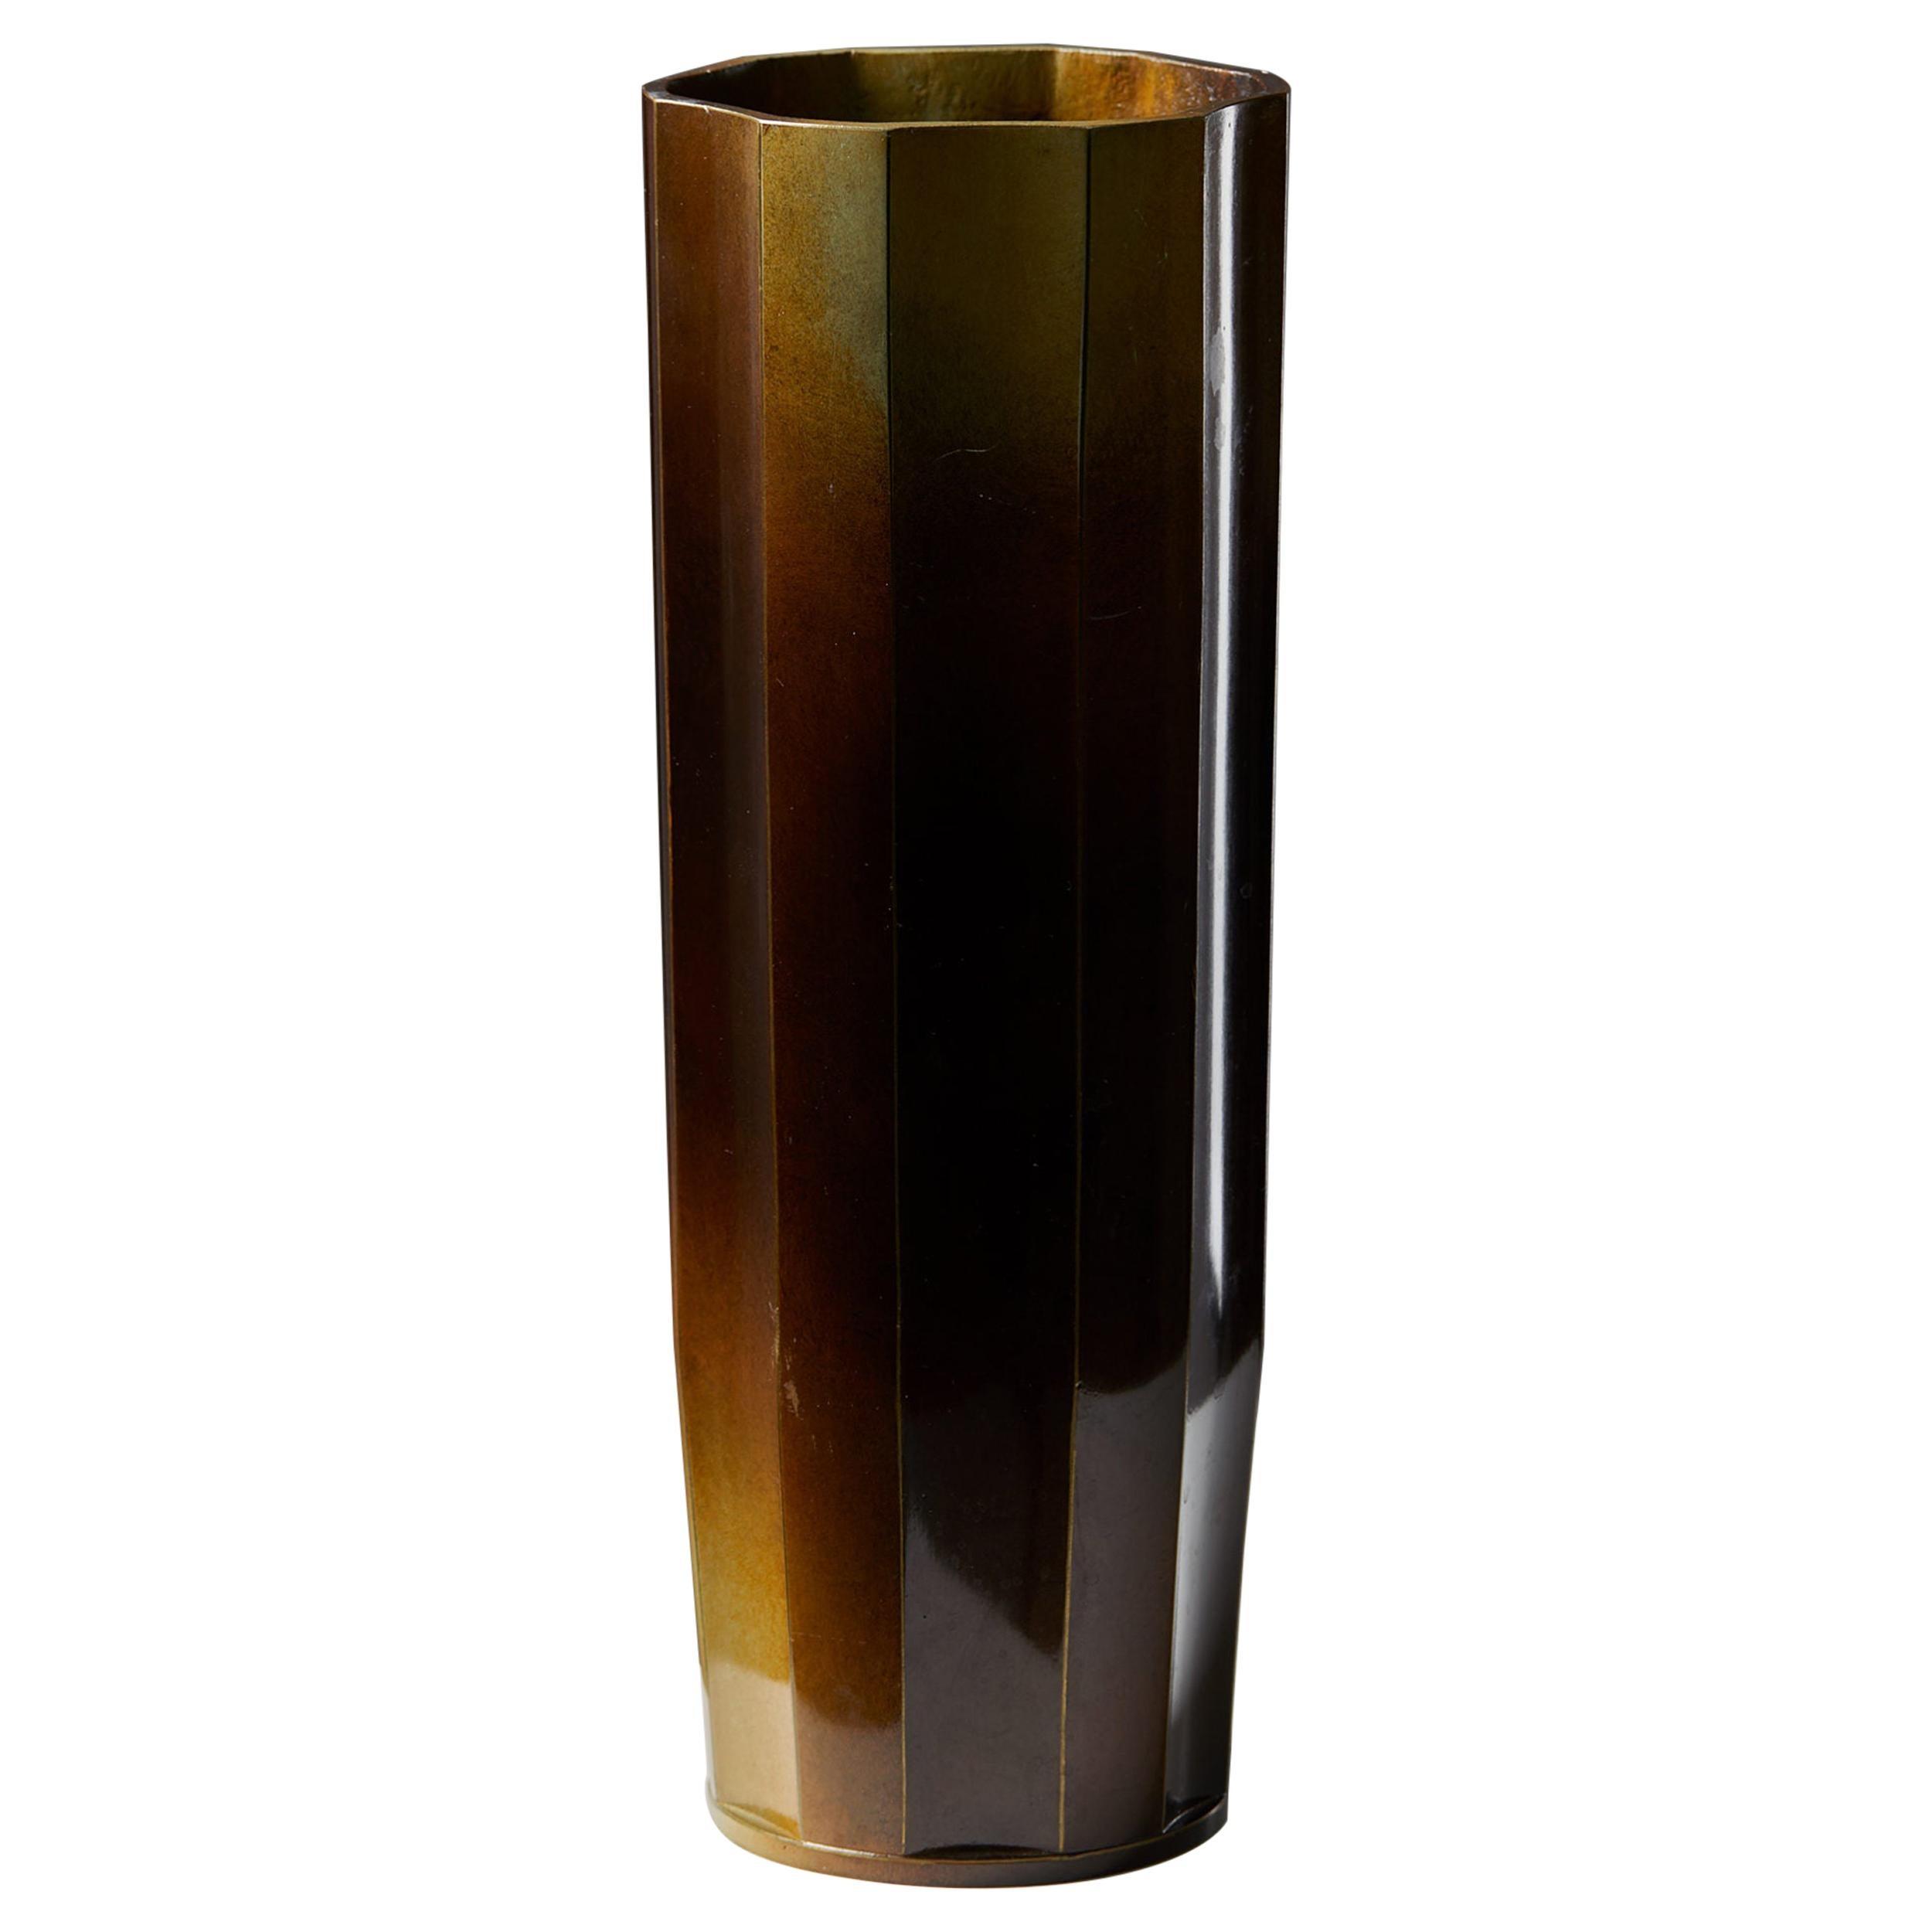 Vase Designed by Ivar Ålenius-björk for Ystad Brons, Sweden, 1930s